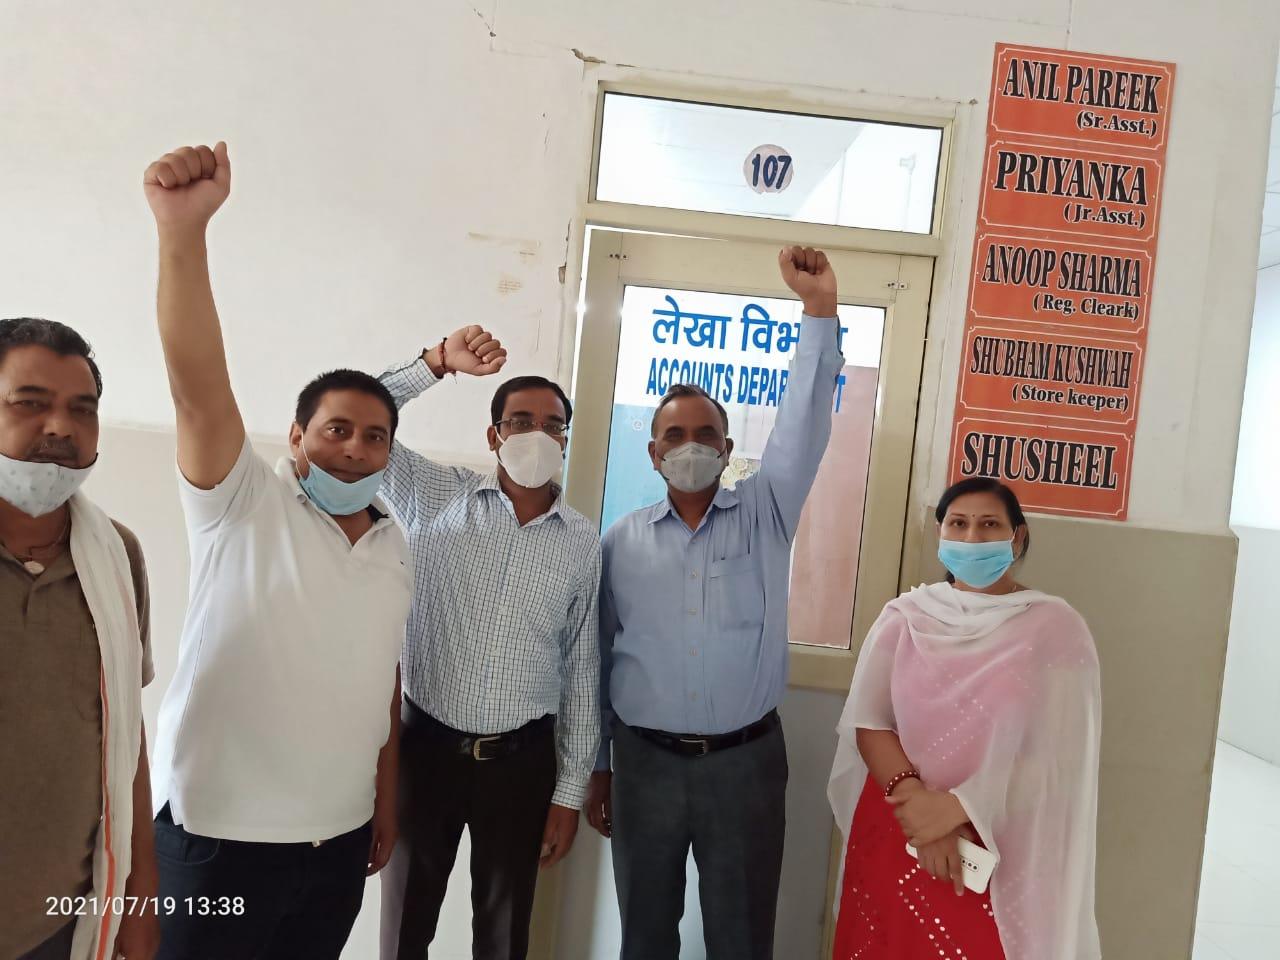 मेडिकल एवं पब्लिक हेल्थ मिनिस्ट्रियल एसोसिएशन ने सीएमओ ऑफिस का किया घेराव, स्वास्थ्य विभाग में हुए ट्रांसफर के विरोध में बनाई रणनीति|मथुरा,Mathura - Dainik Bhaskar